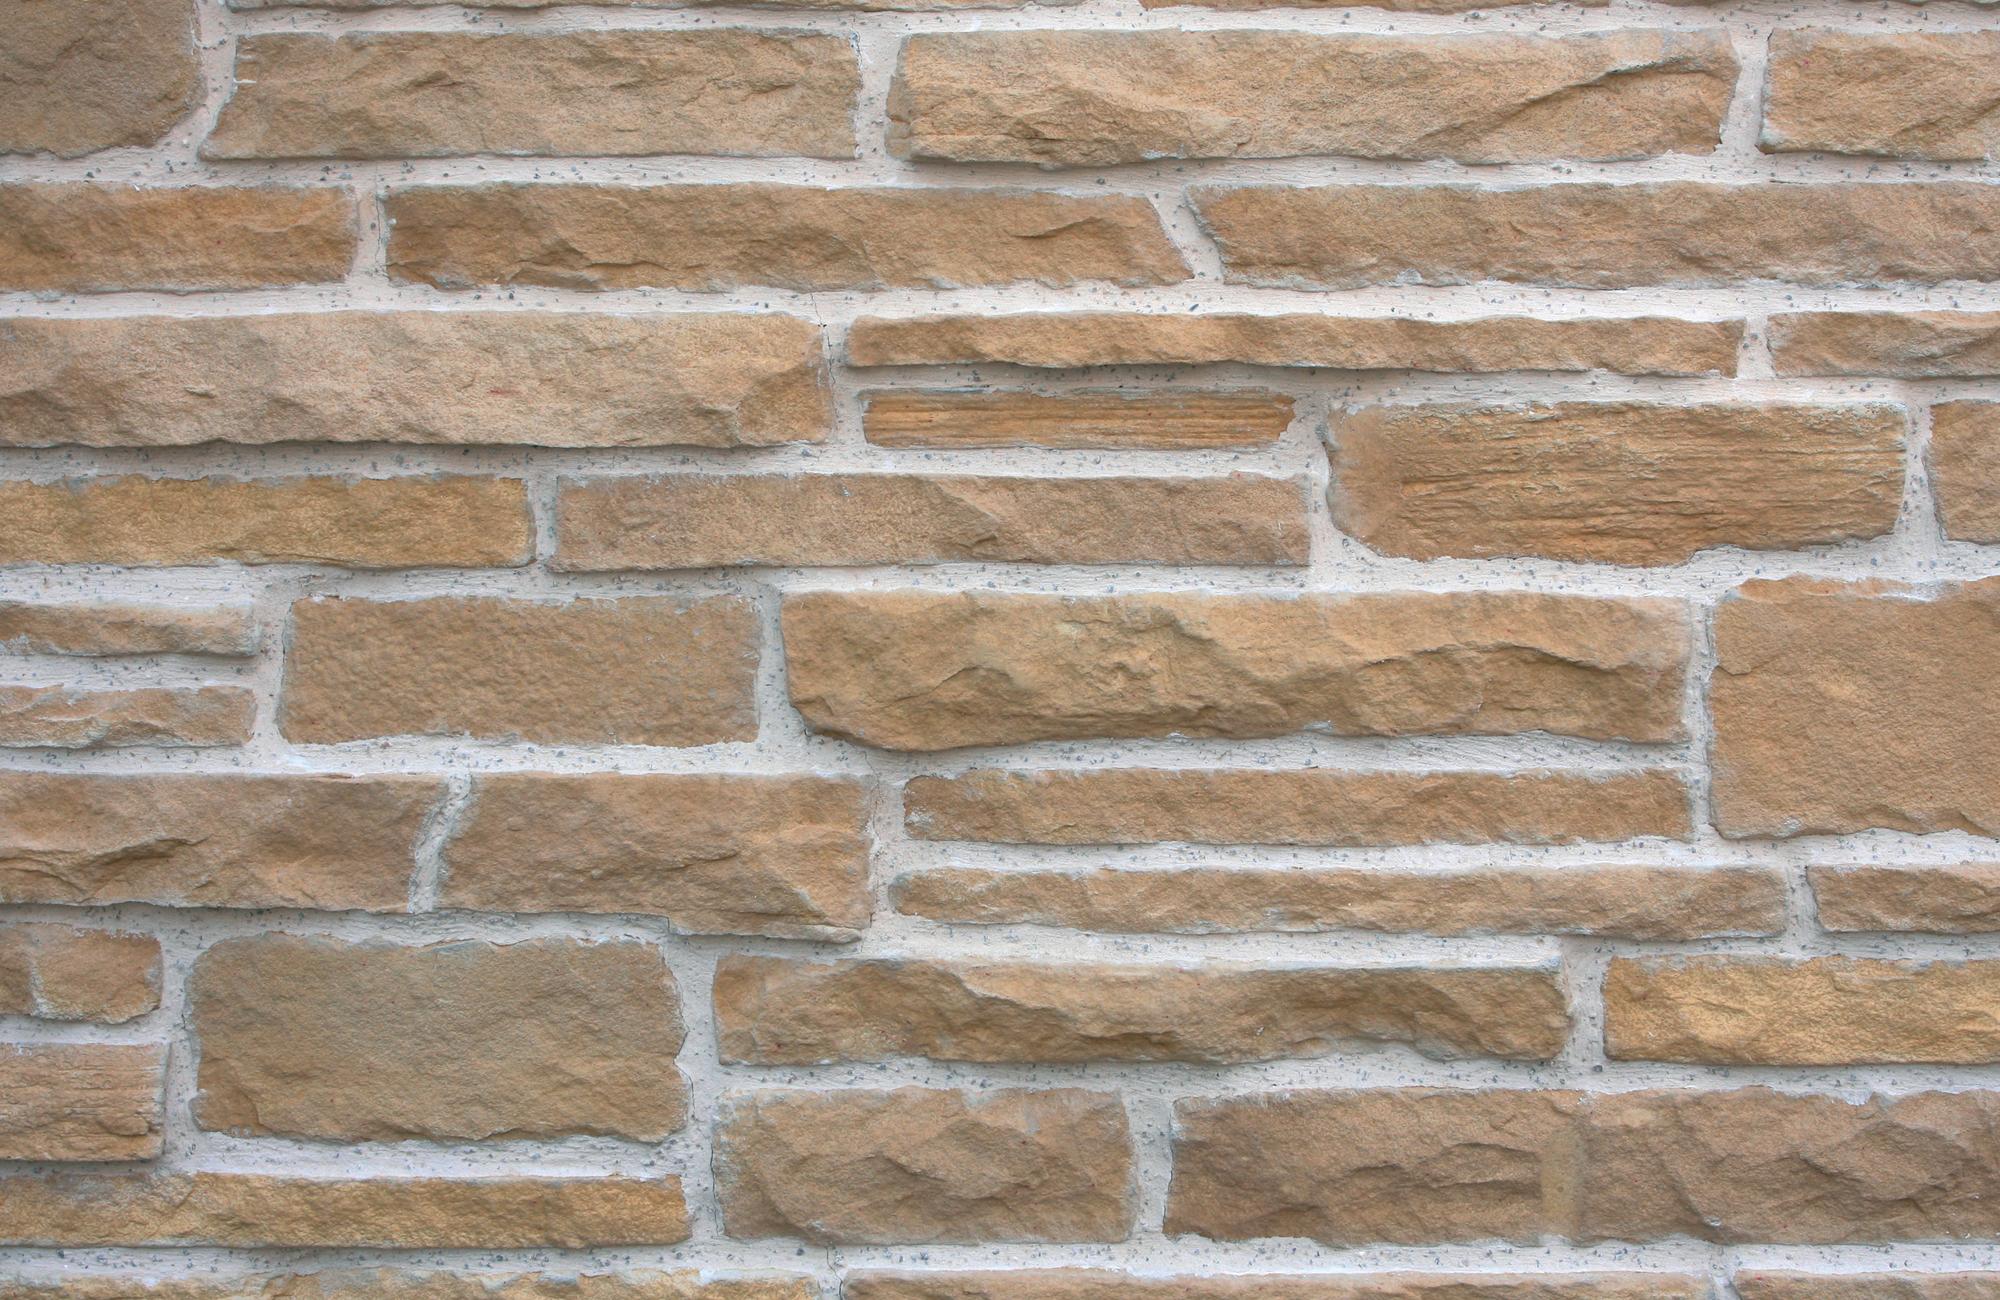 katalog verblendsteine gespaltener sandstein wild stone. Black Bedroom Furniture Sets. Home Design Ideas